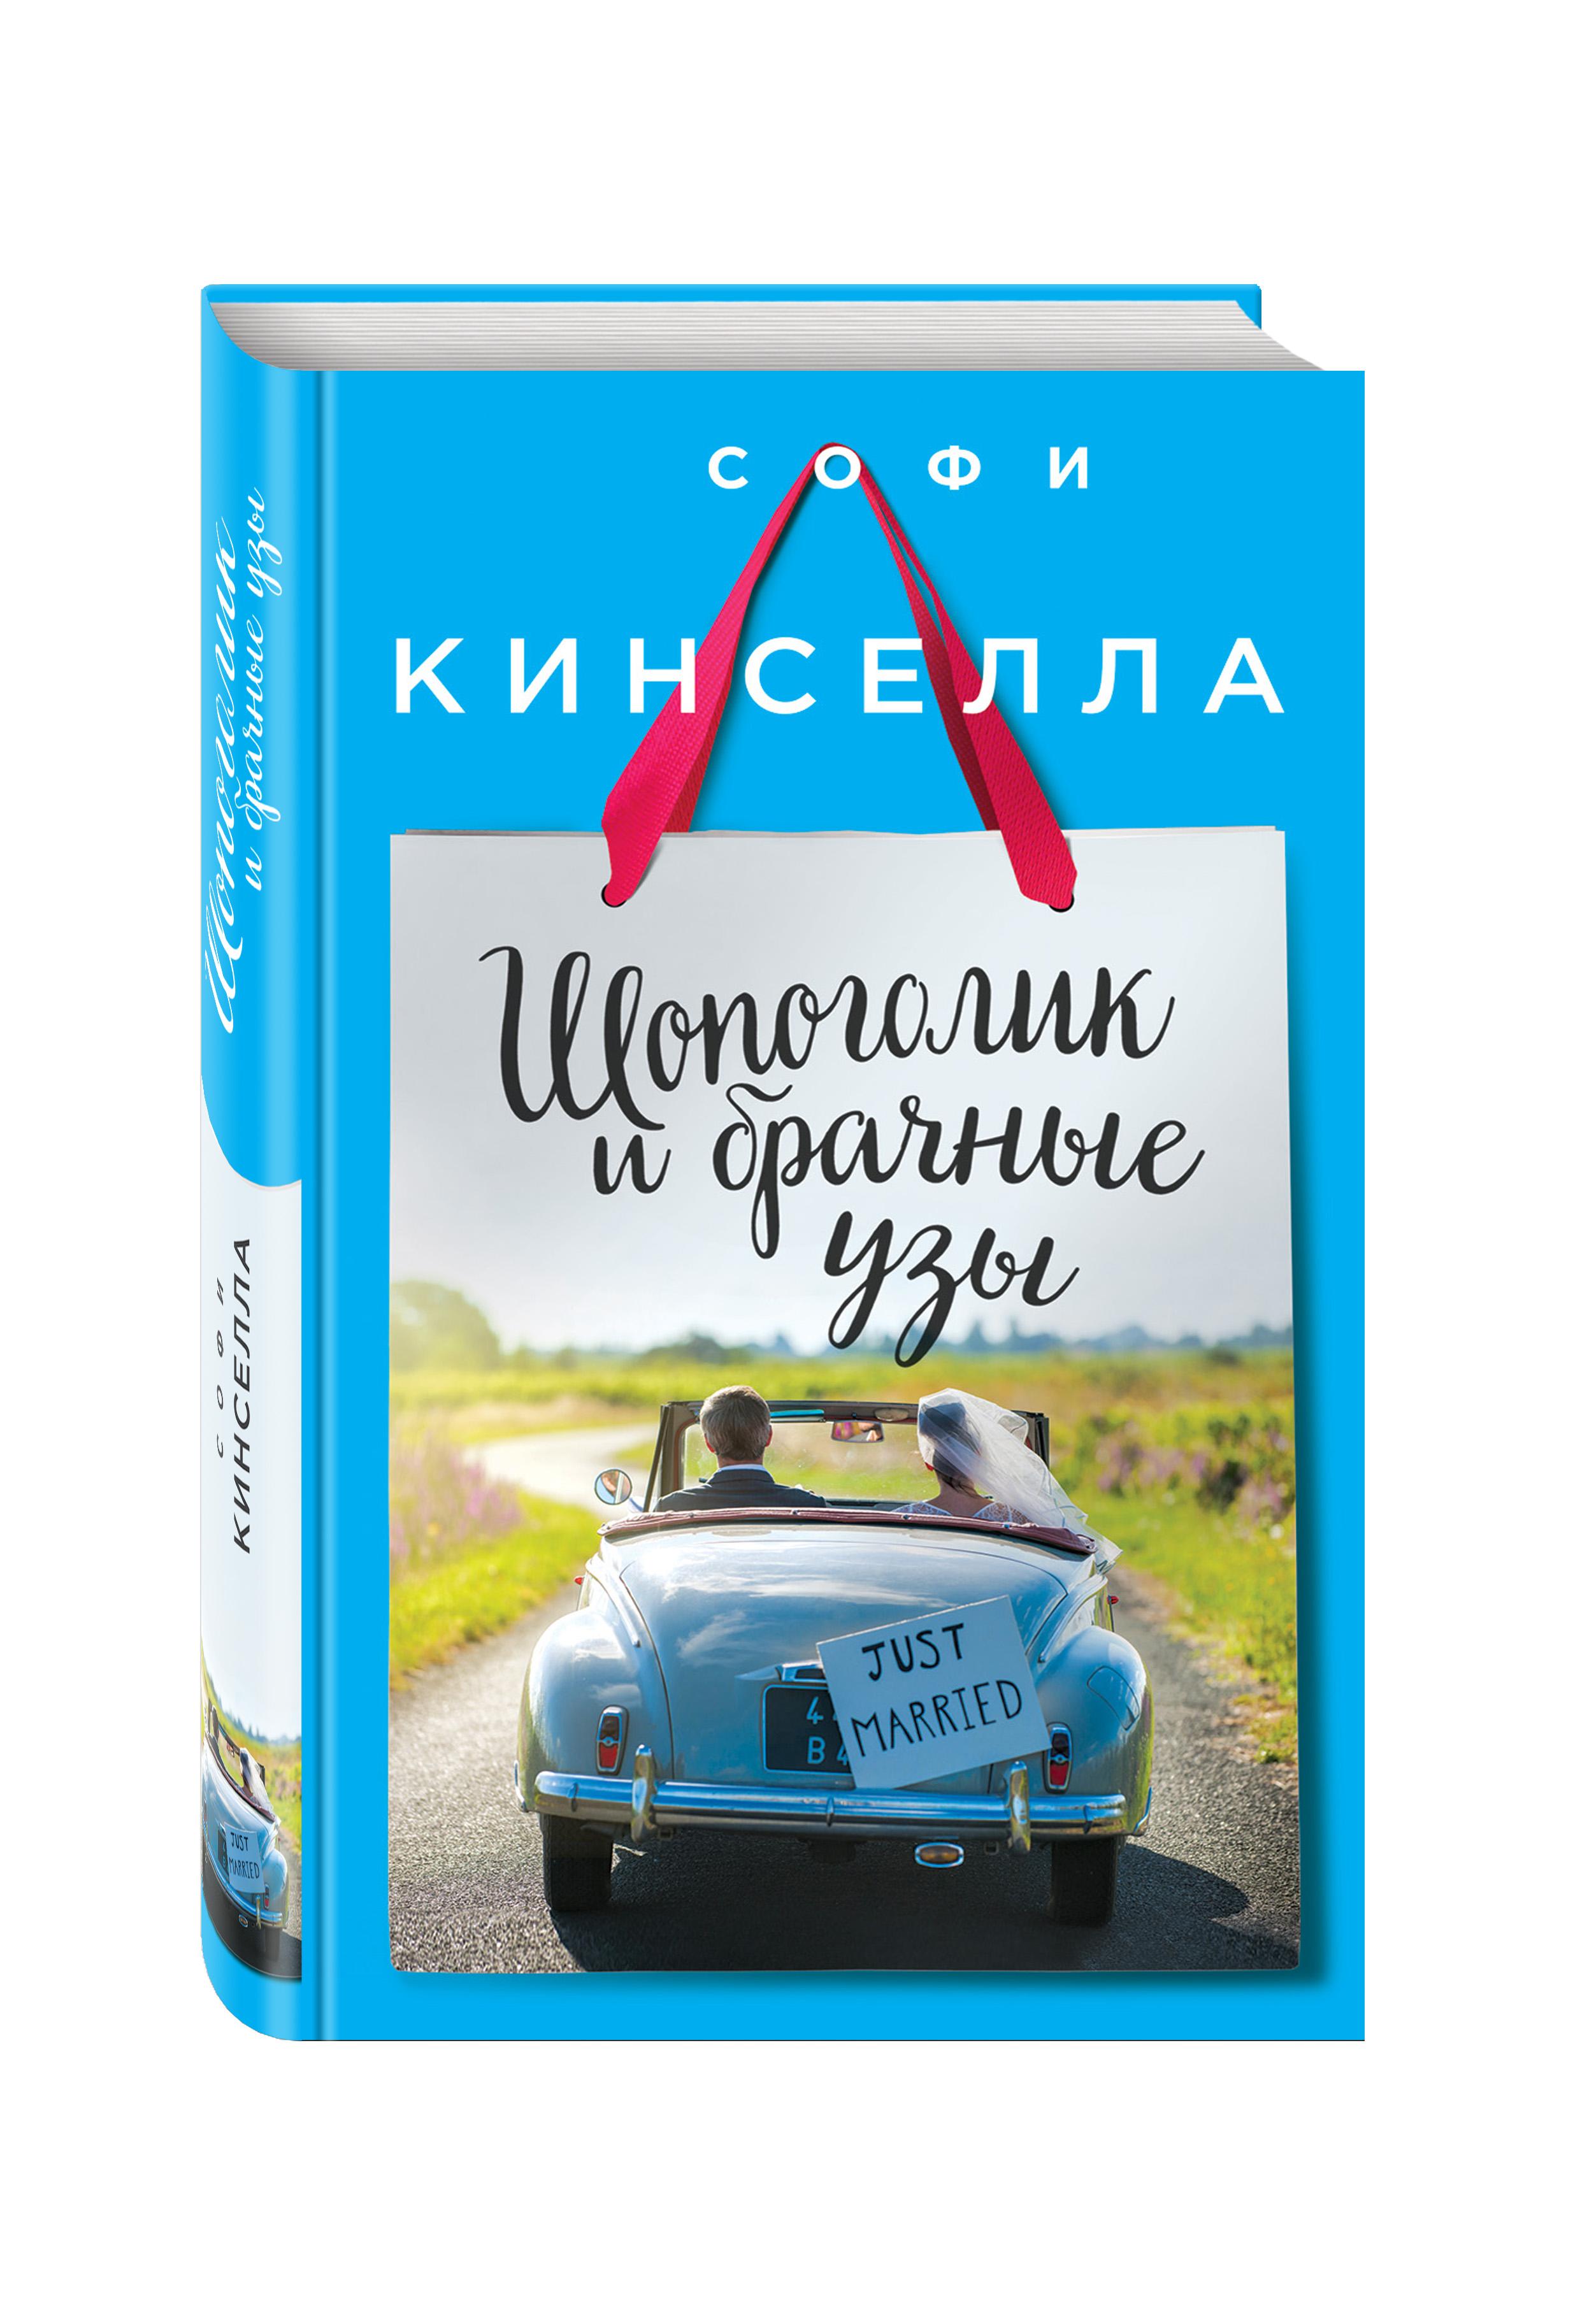 Кинселла С. Шопоголик и брачные узы призы для гостей на свадьбе